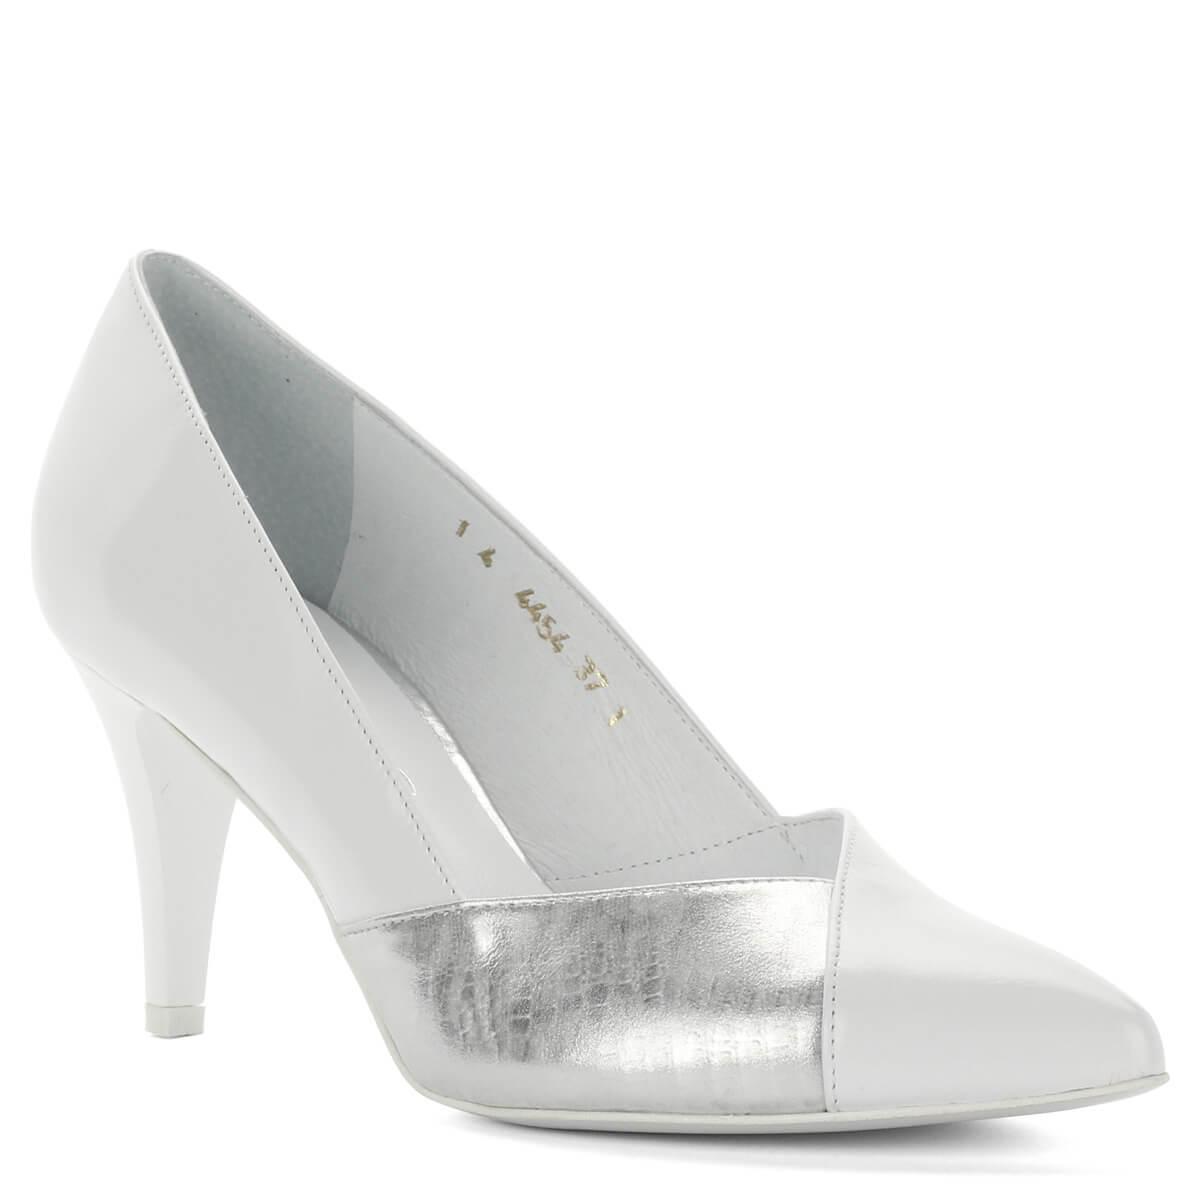 Anis fehér alkalmi cipő. Elegáns hegyes orrú fazon 8 cm magas sarokkal. Orrán ezüst betét található. Menyasszonyi cipőnek is ajánljuk.